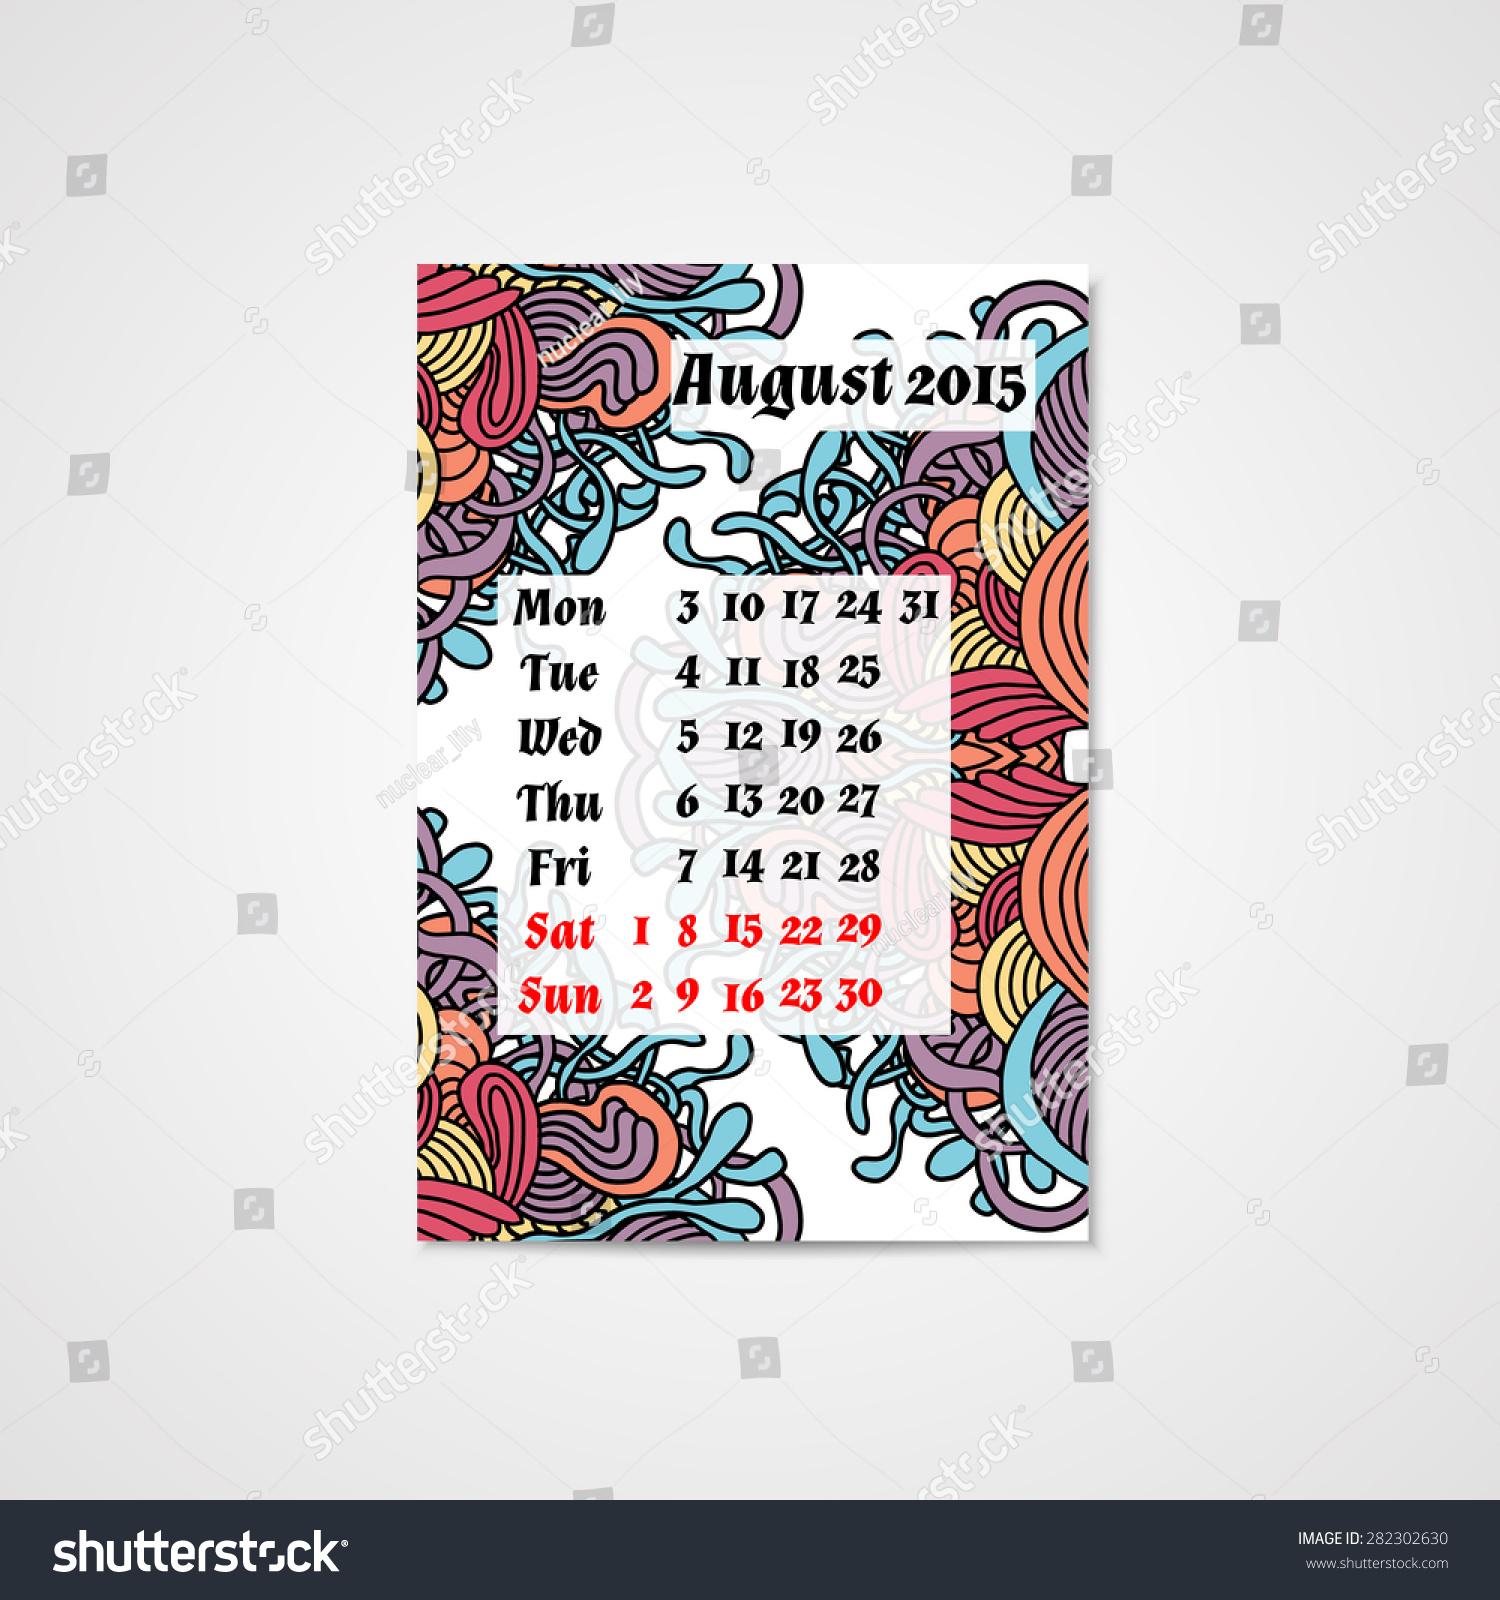 Calendar Design Pattern : Calendar design doodle abstract pattern hand stock vector